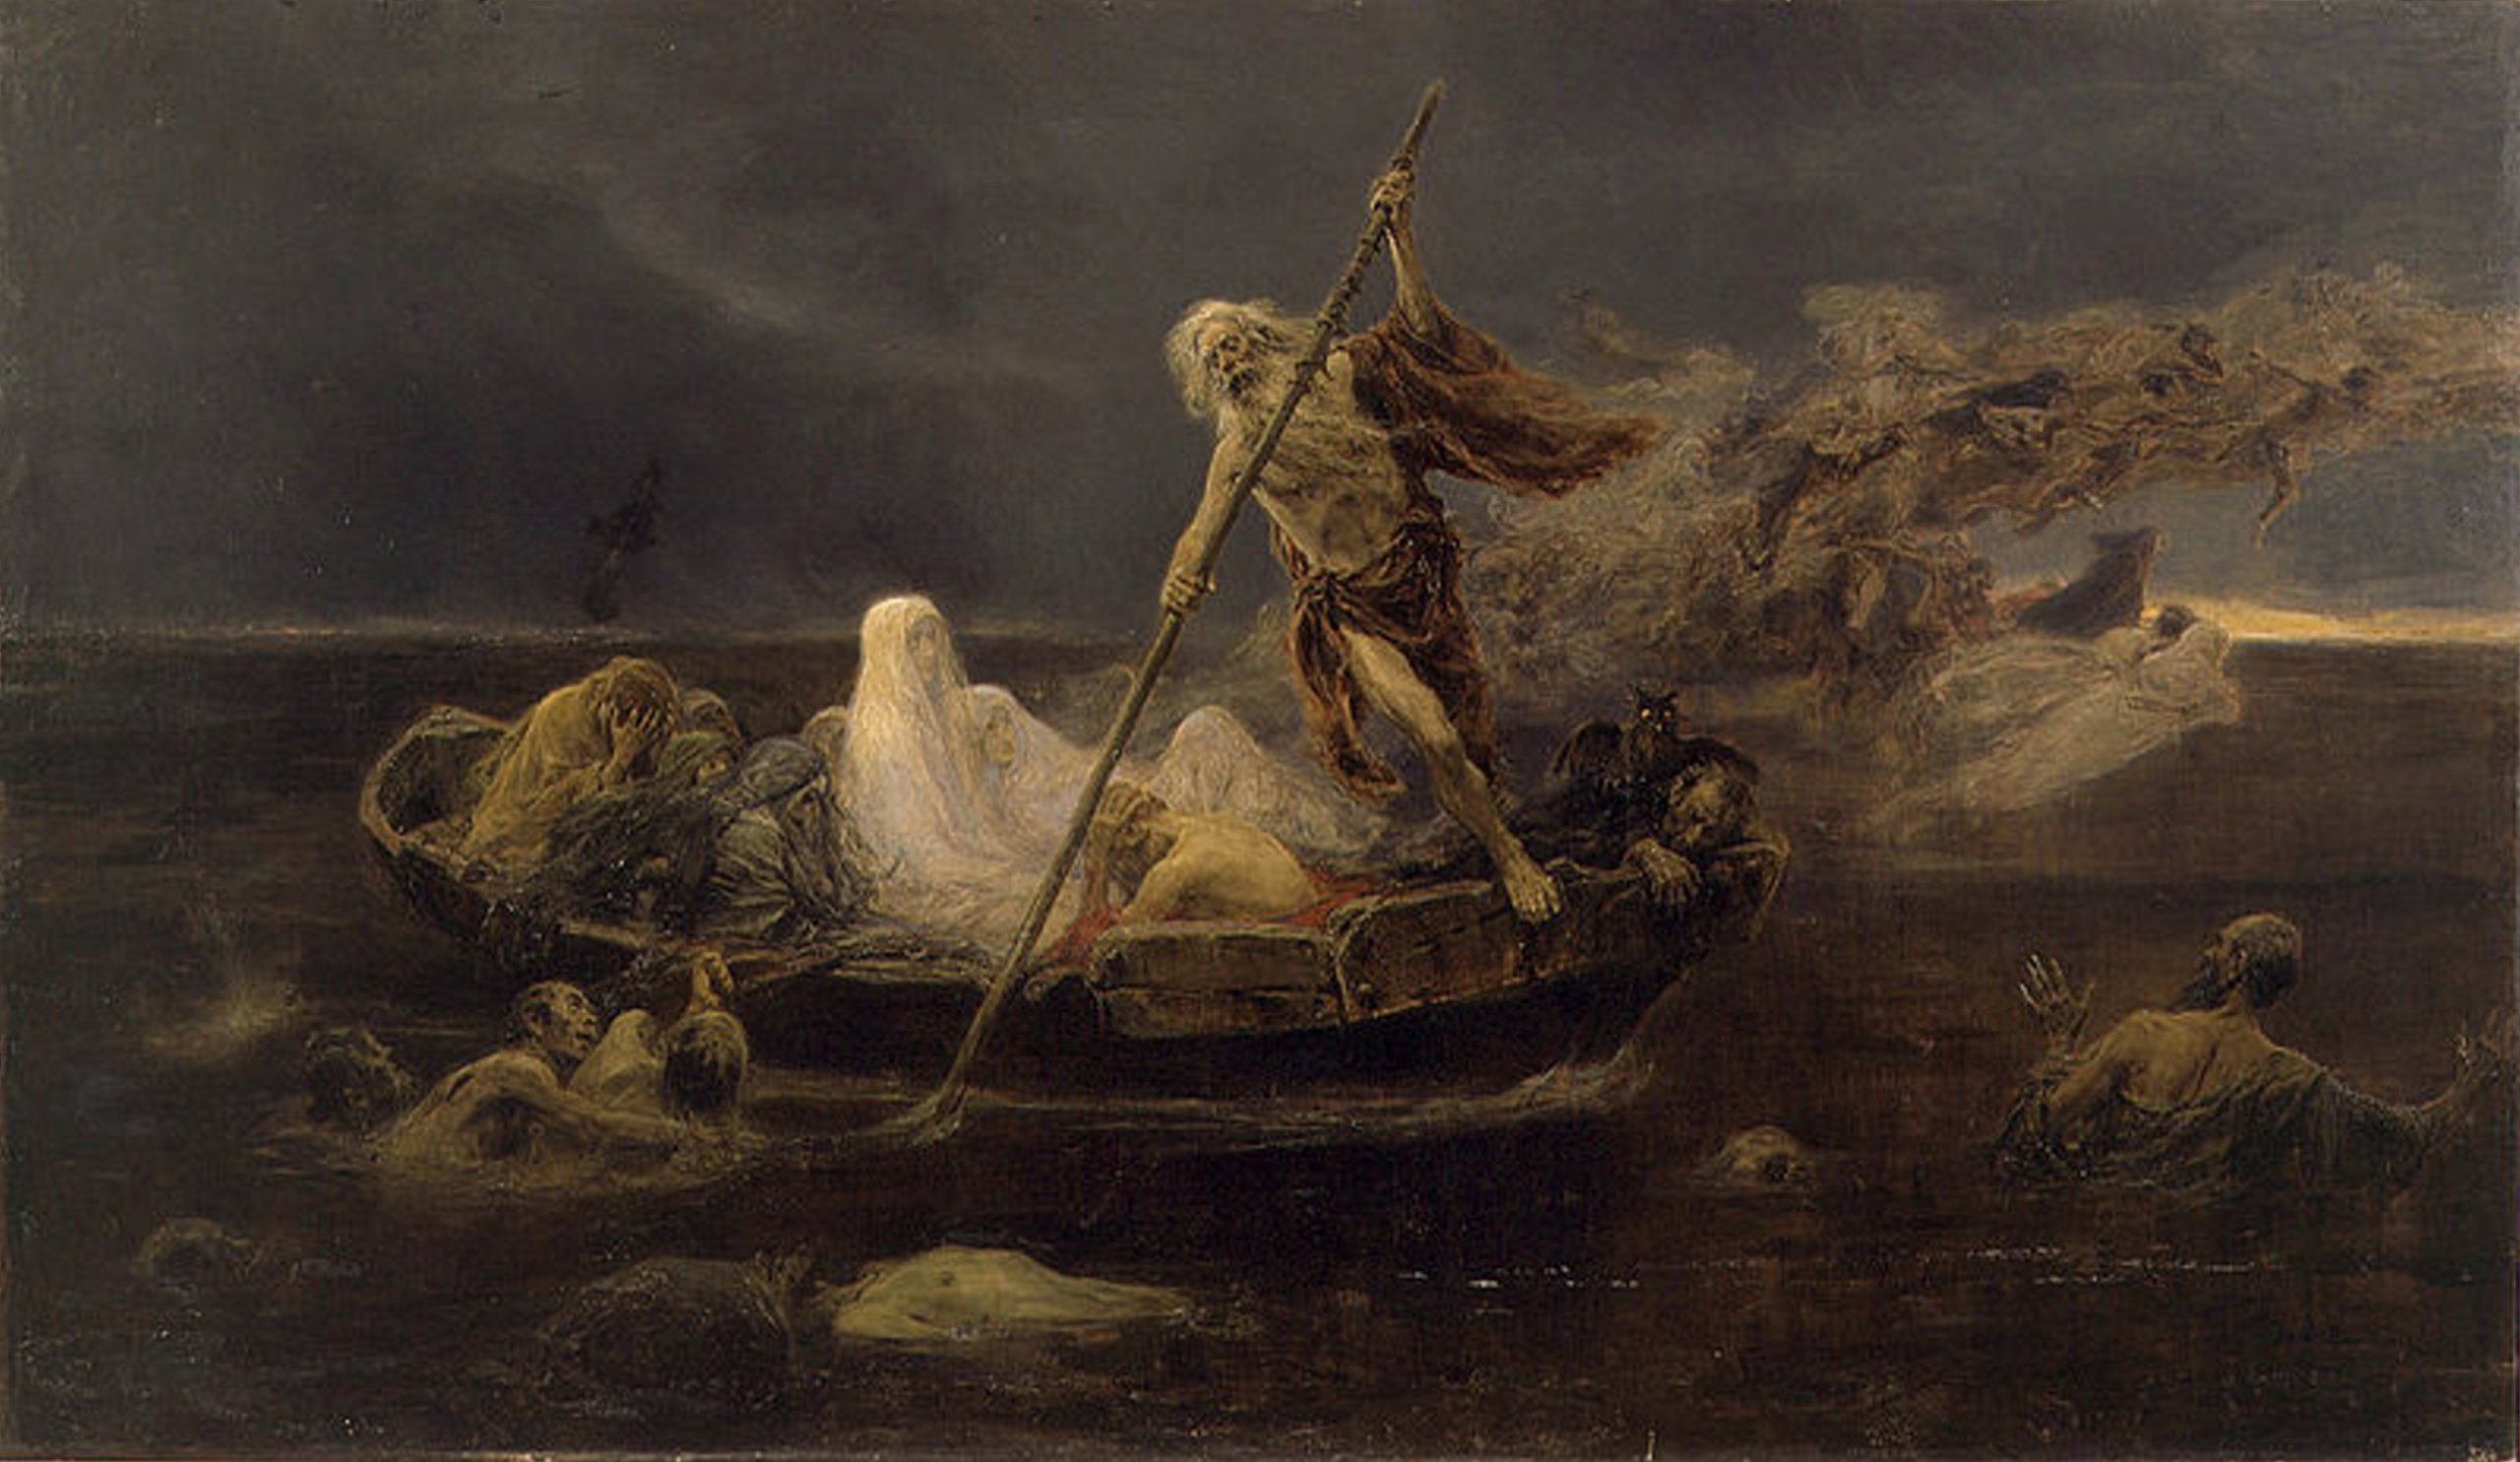 Αποτέλεσμα εικόνας για Η αθανασία της ψυχής και η μετά θάνατον ζωή μεσα από την Αρχαία ελληνική φιλοσοφία